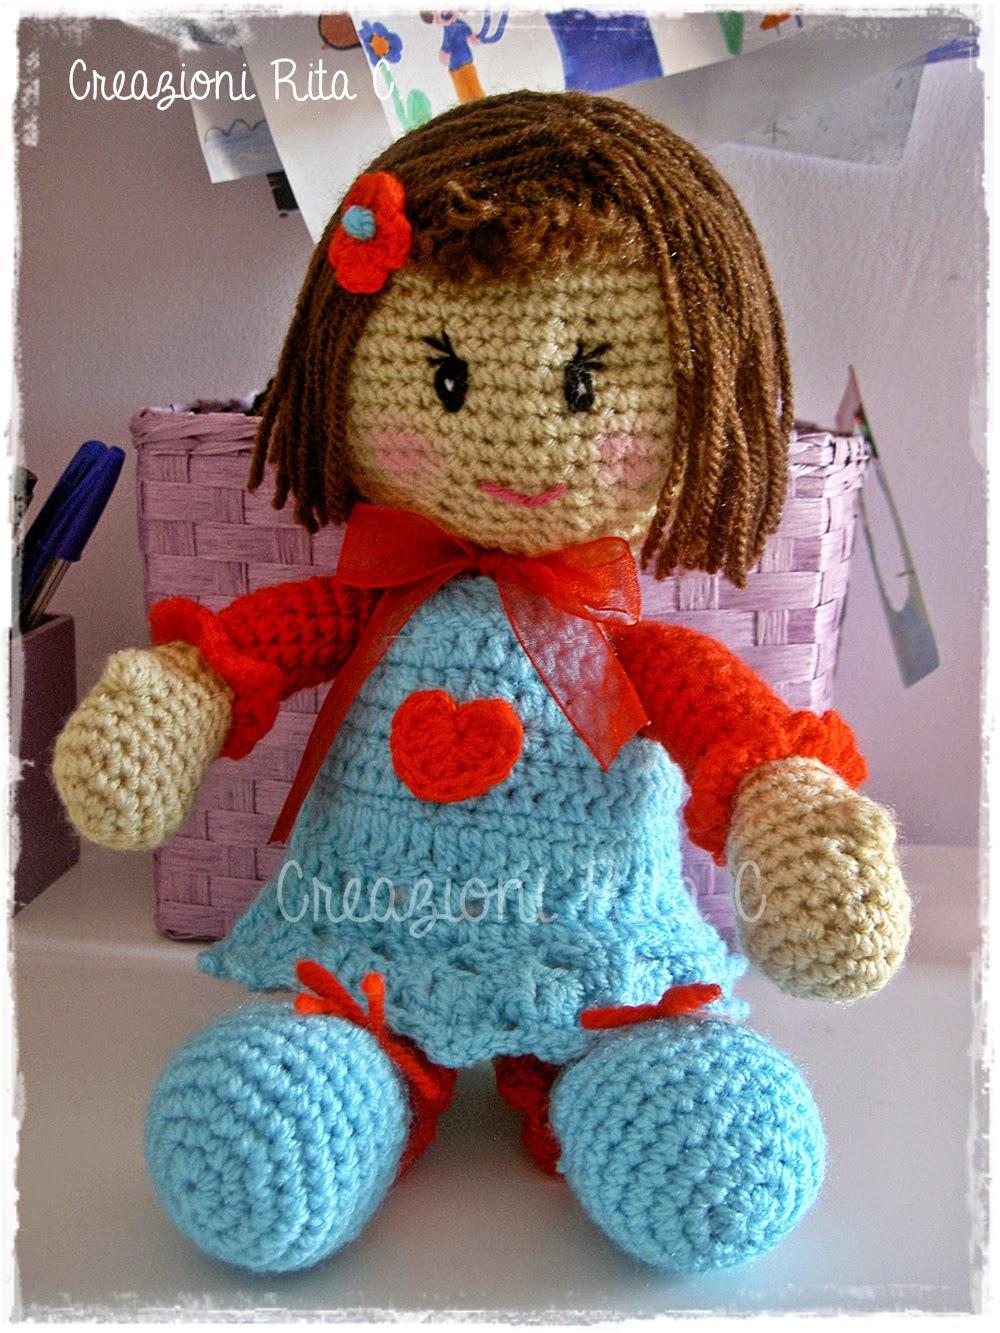 Creazioni Rita C. ... Only Handmade!: Le mie Bamboline ...